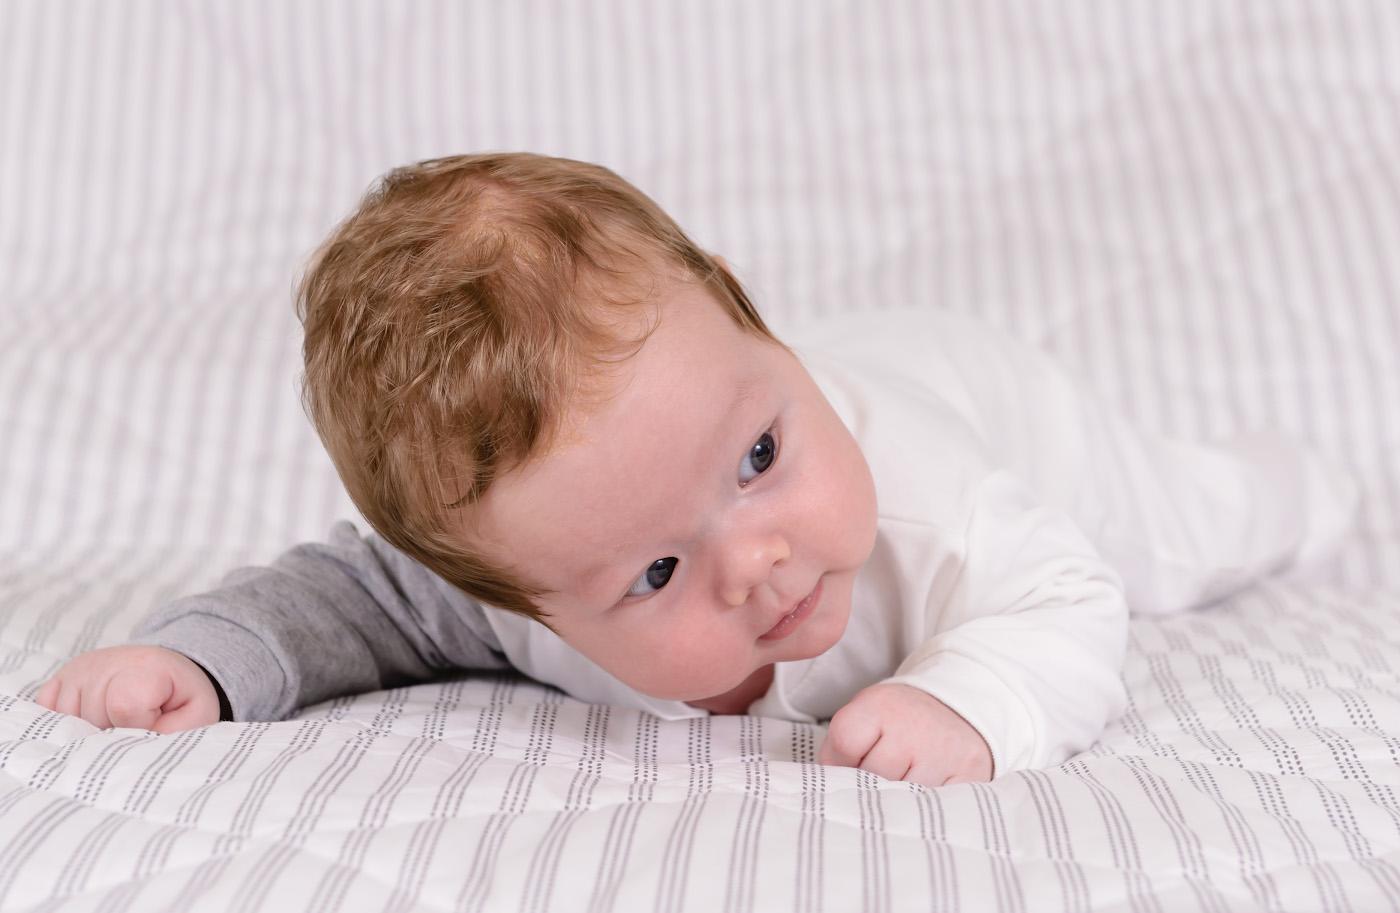 Фото 20. Наш любимый главред. Домашняя фотосессия с малышом 2 месяца. Свет – 2 вспышки Yongnuo YN-685N, управляемые трансмиттером Yongnuo YN-622N-TX. Параметры: 1/250, 6.3, 500, 70.